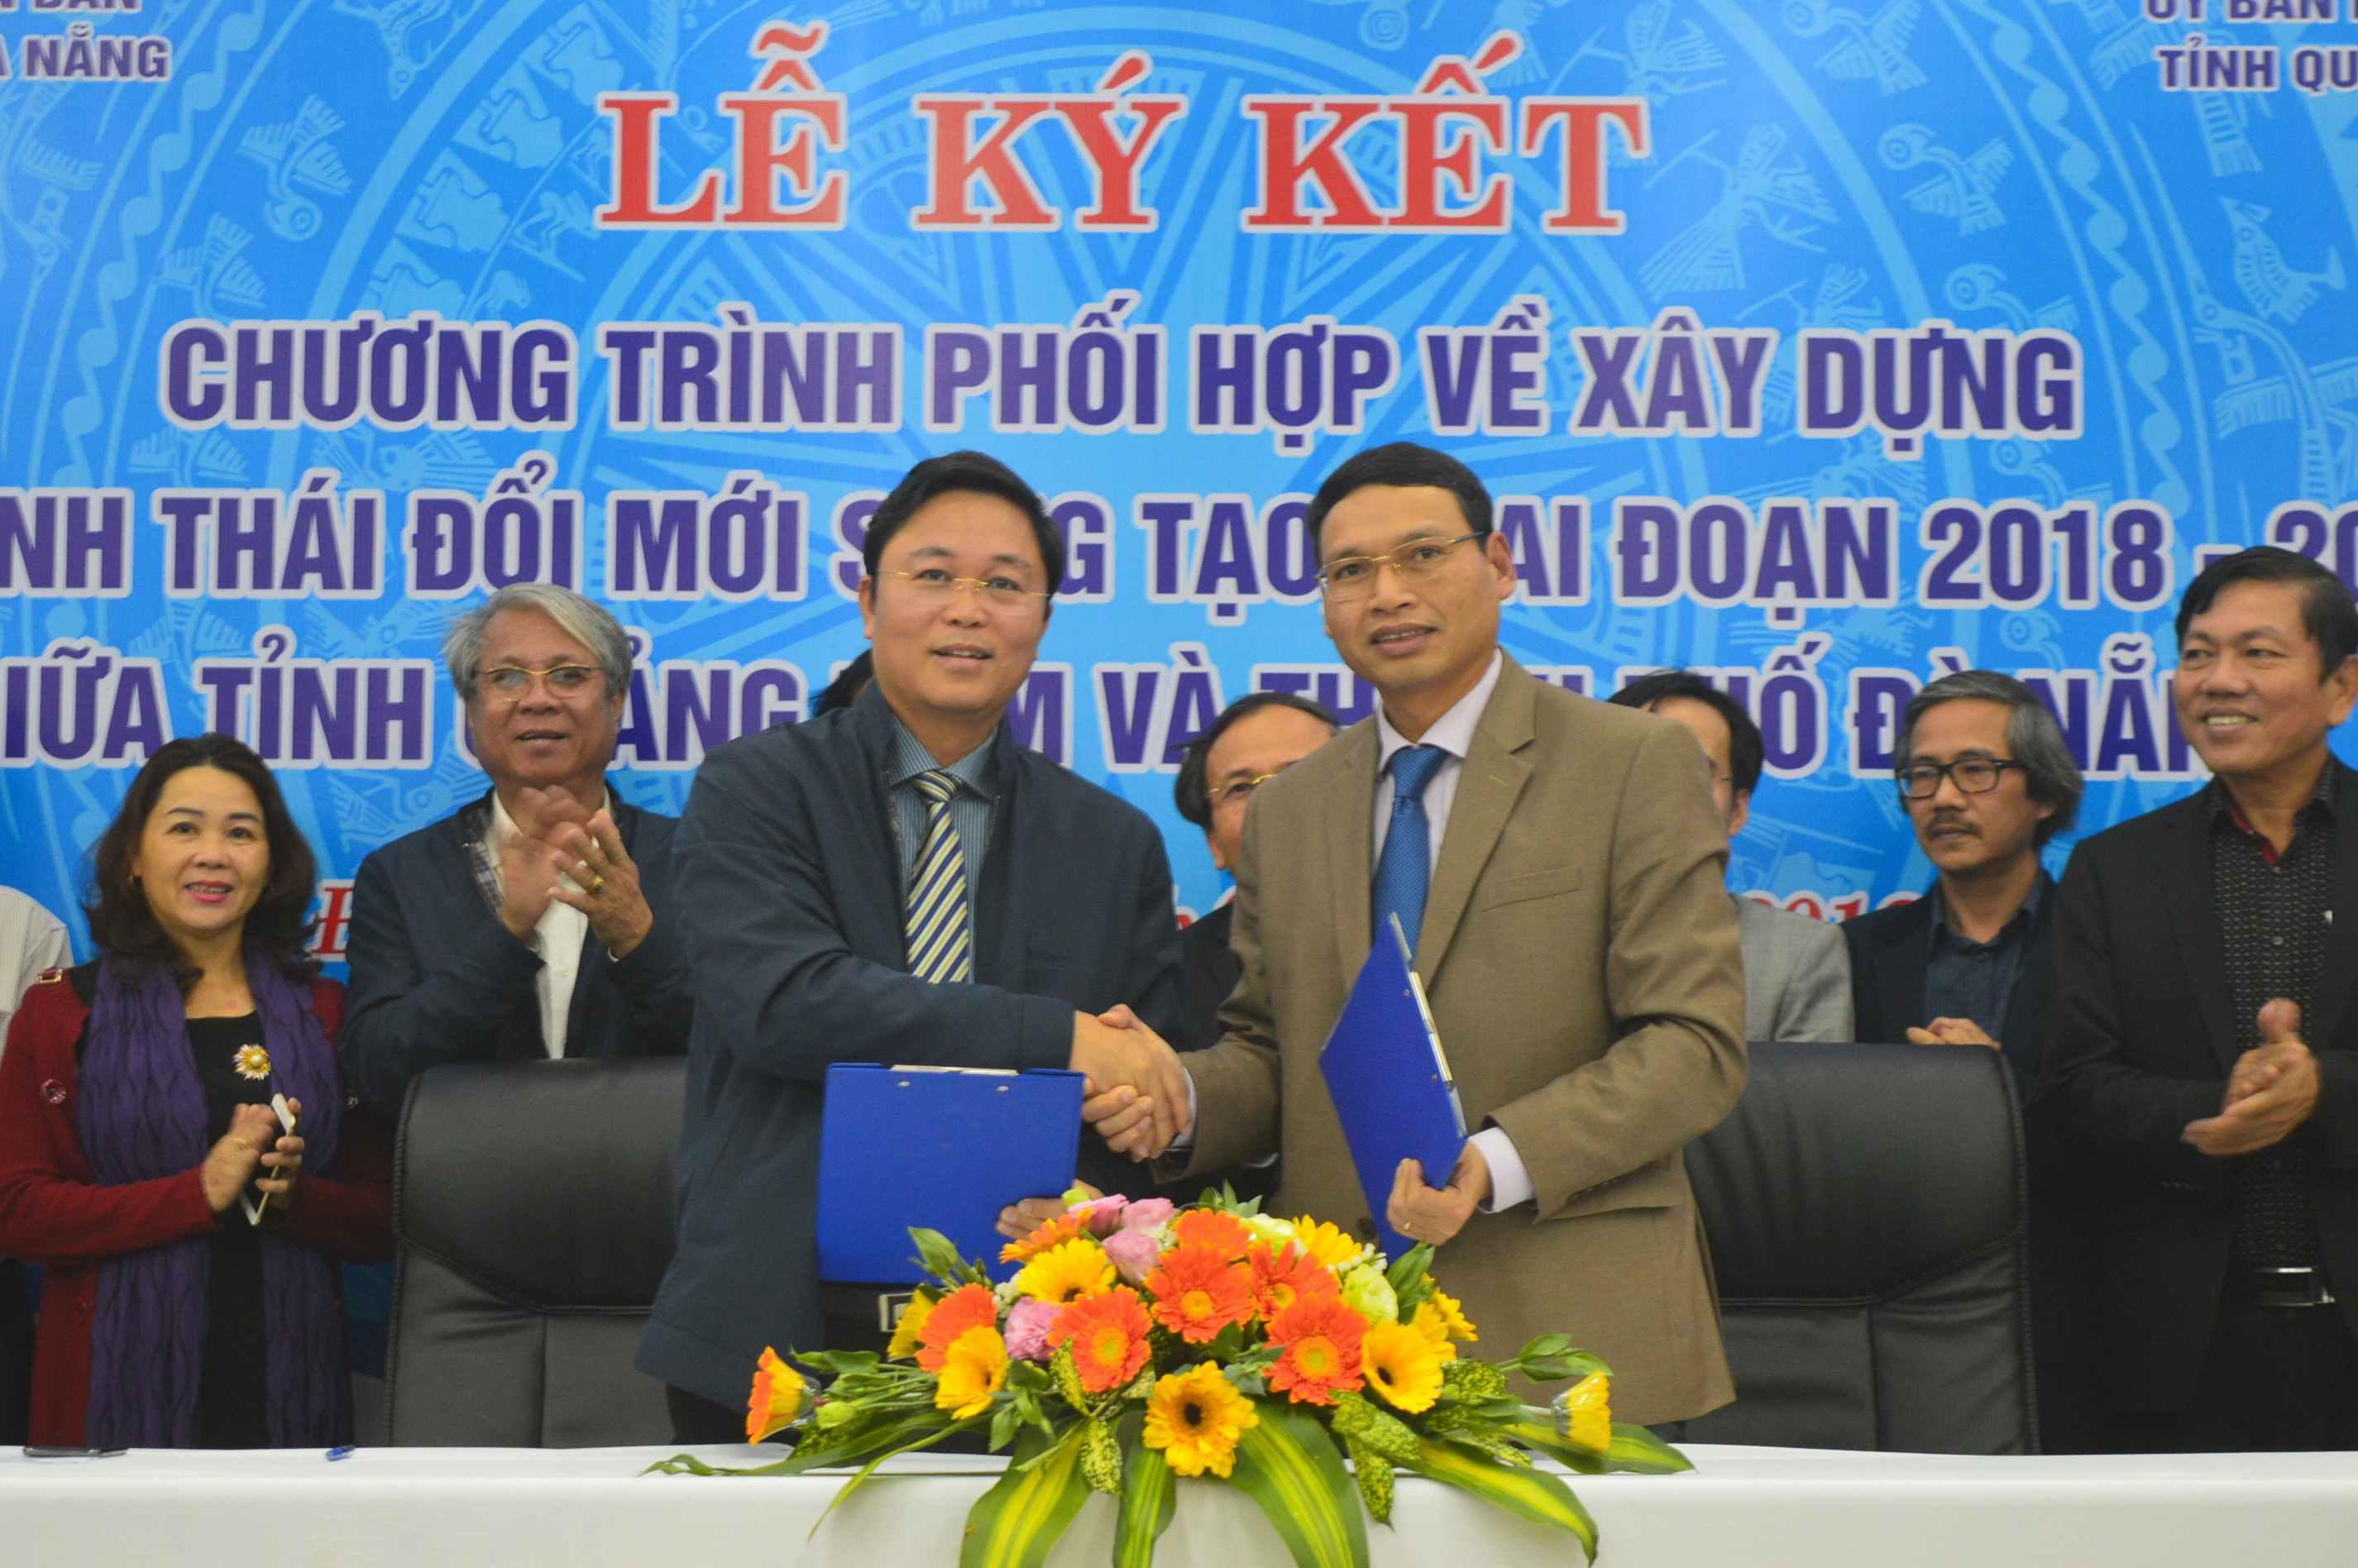 Quảng Nam đang rất tích cực phối hợp, tìm kiếm các chương trình hỗ trợ về khởi nghiệp trong thời gian qua. Ảnh: Q.T